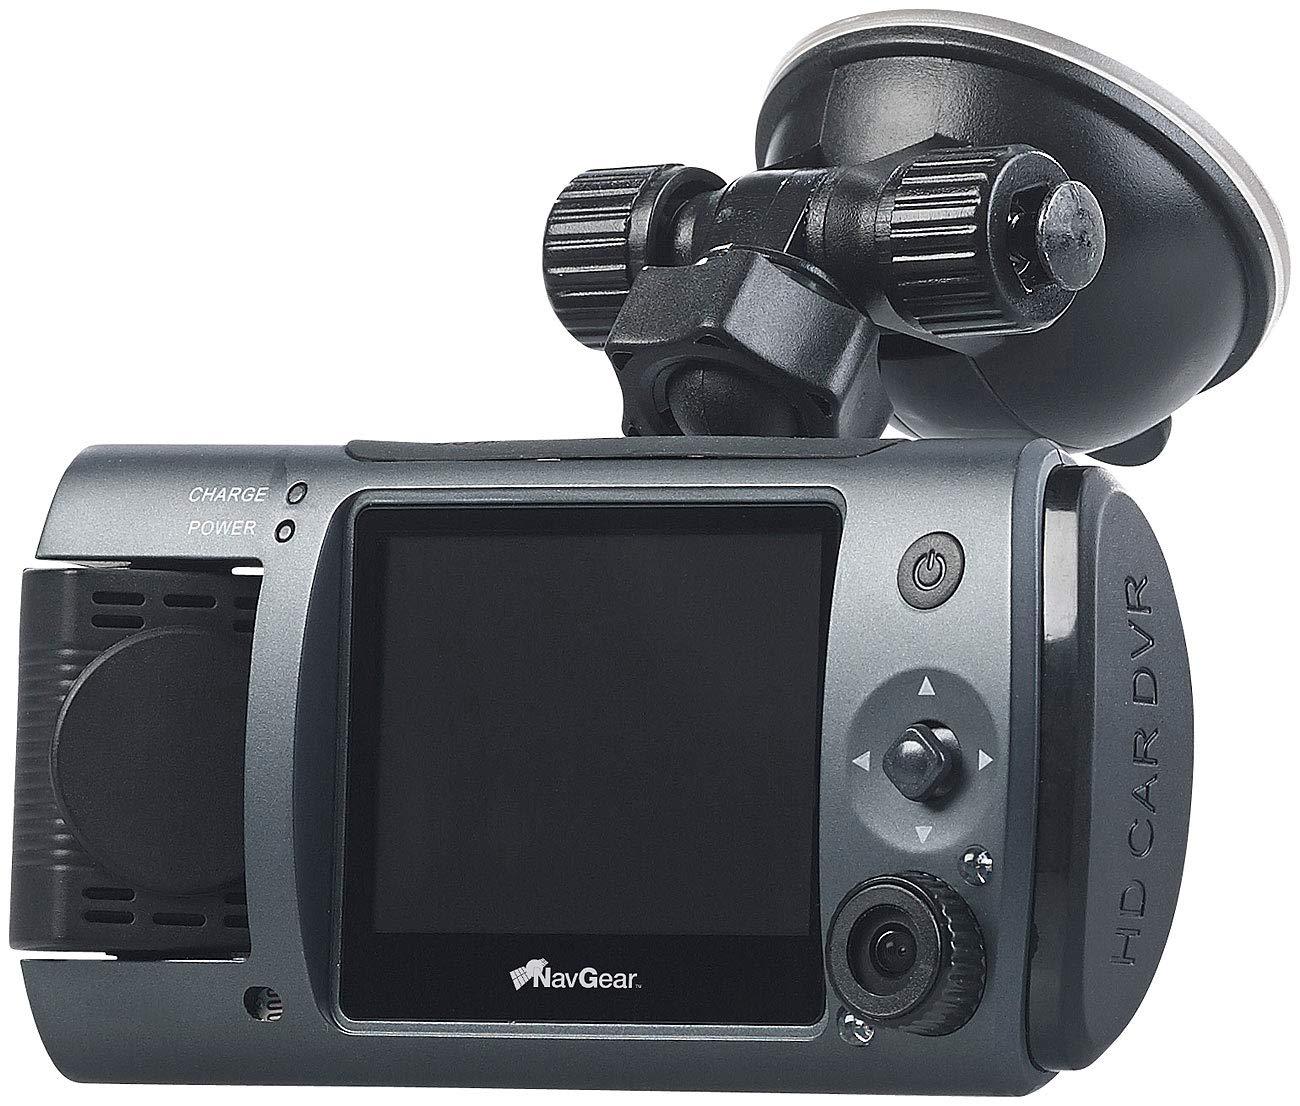 NavGear-Dual-Dashcam-Full-HD-Dashcam-mit-2-Objektiven-150-Ultra-Weitwinkel-Marken-Sensor-Autokameras